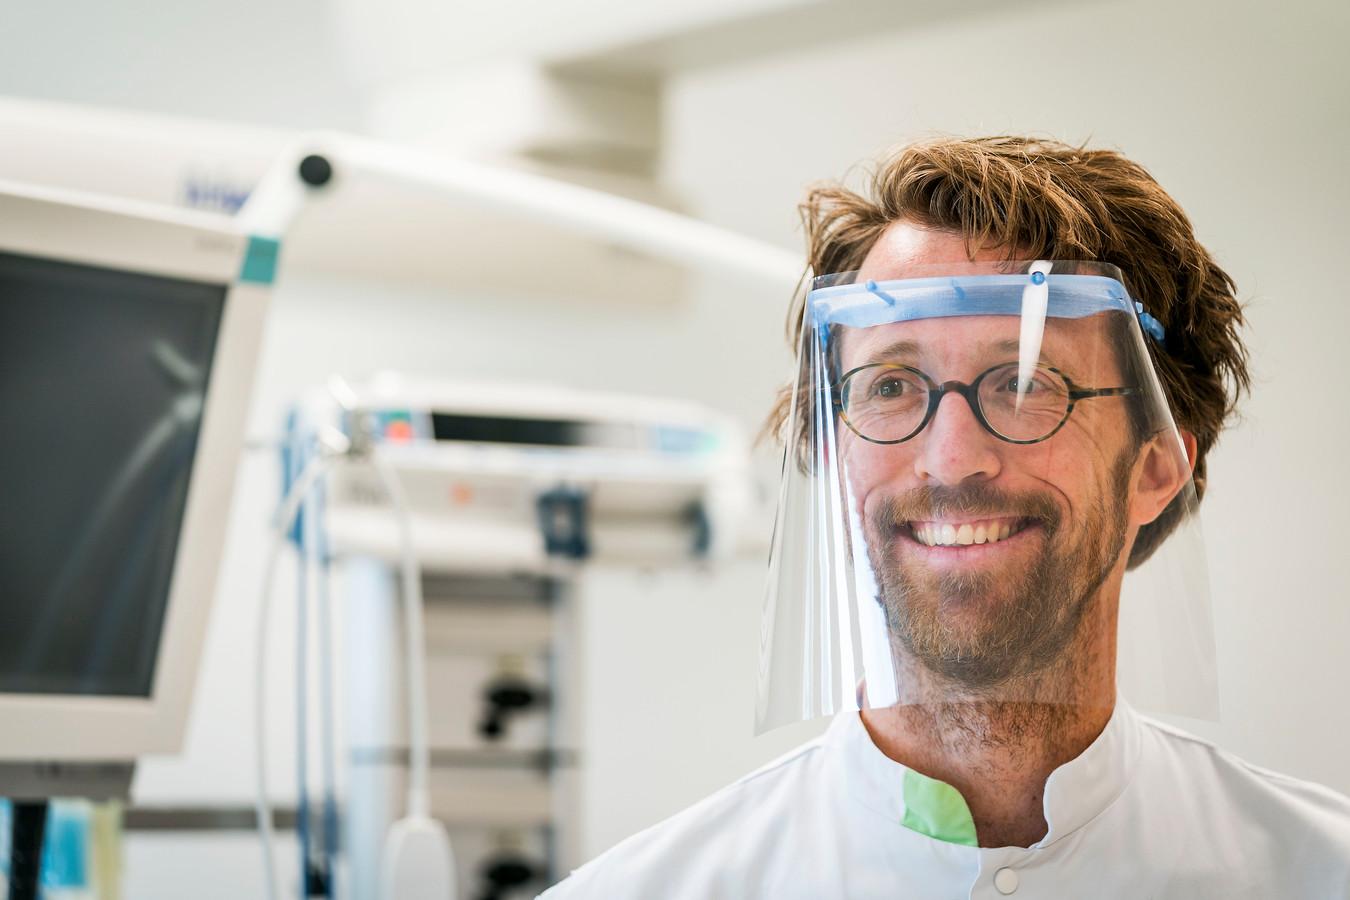 Gipsmeester Leendert Jan Doornbos van het HagaZiekenhuis en lid van Green Team in de ziekenhuisorganisatie met het eerste spatmasker van hergebruikt plastic.